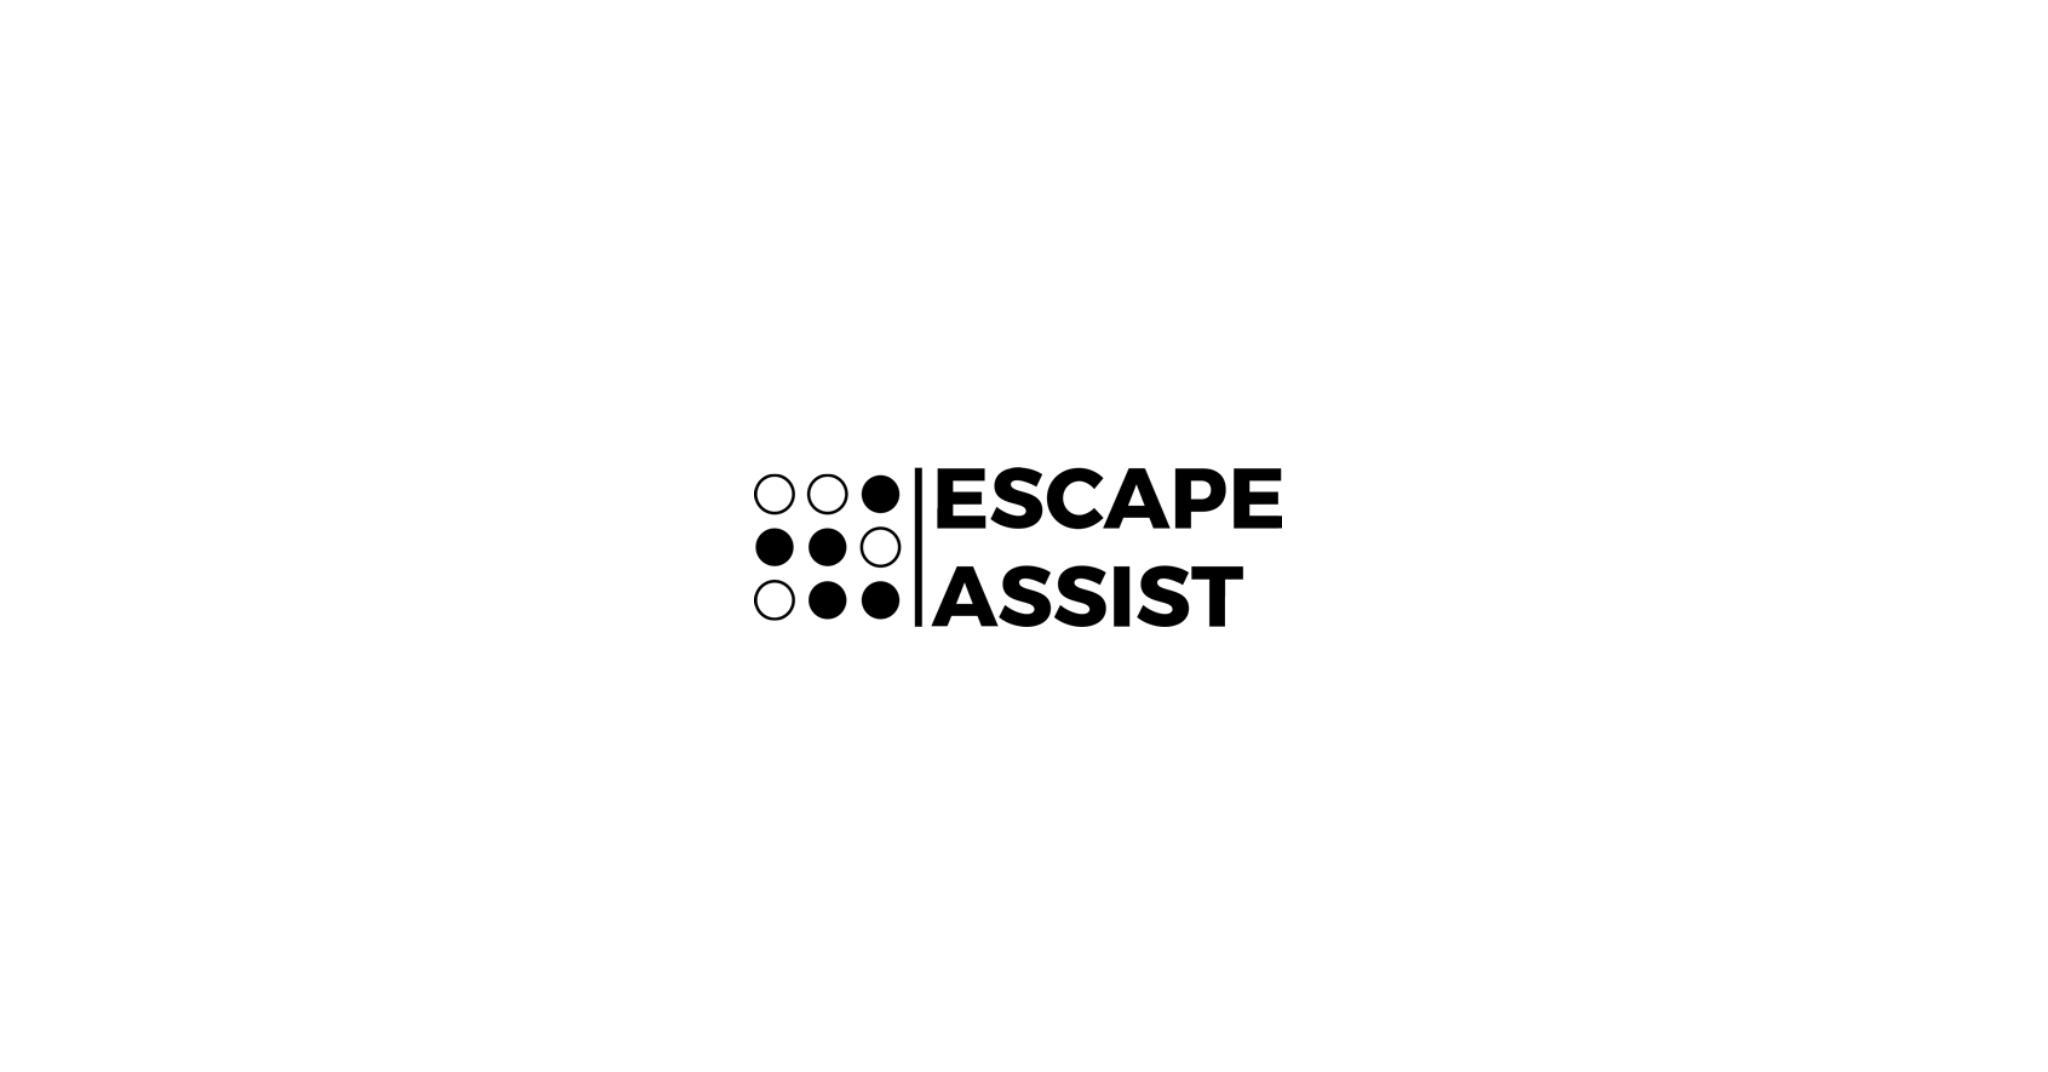 EscapeAssist